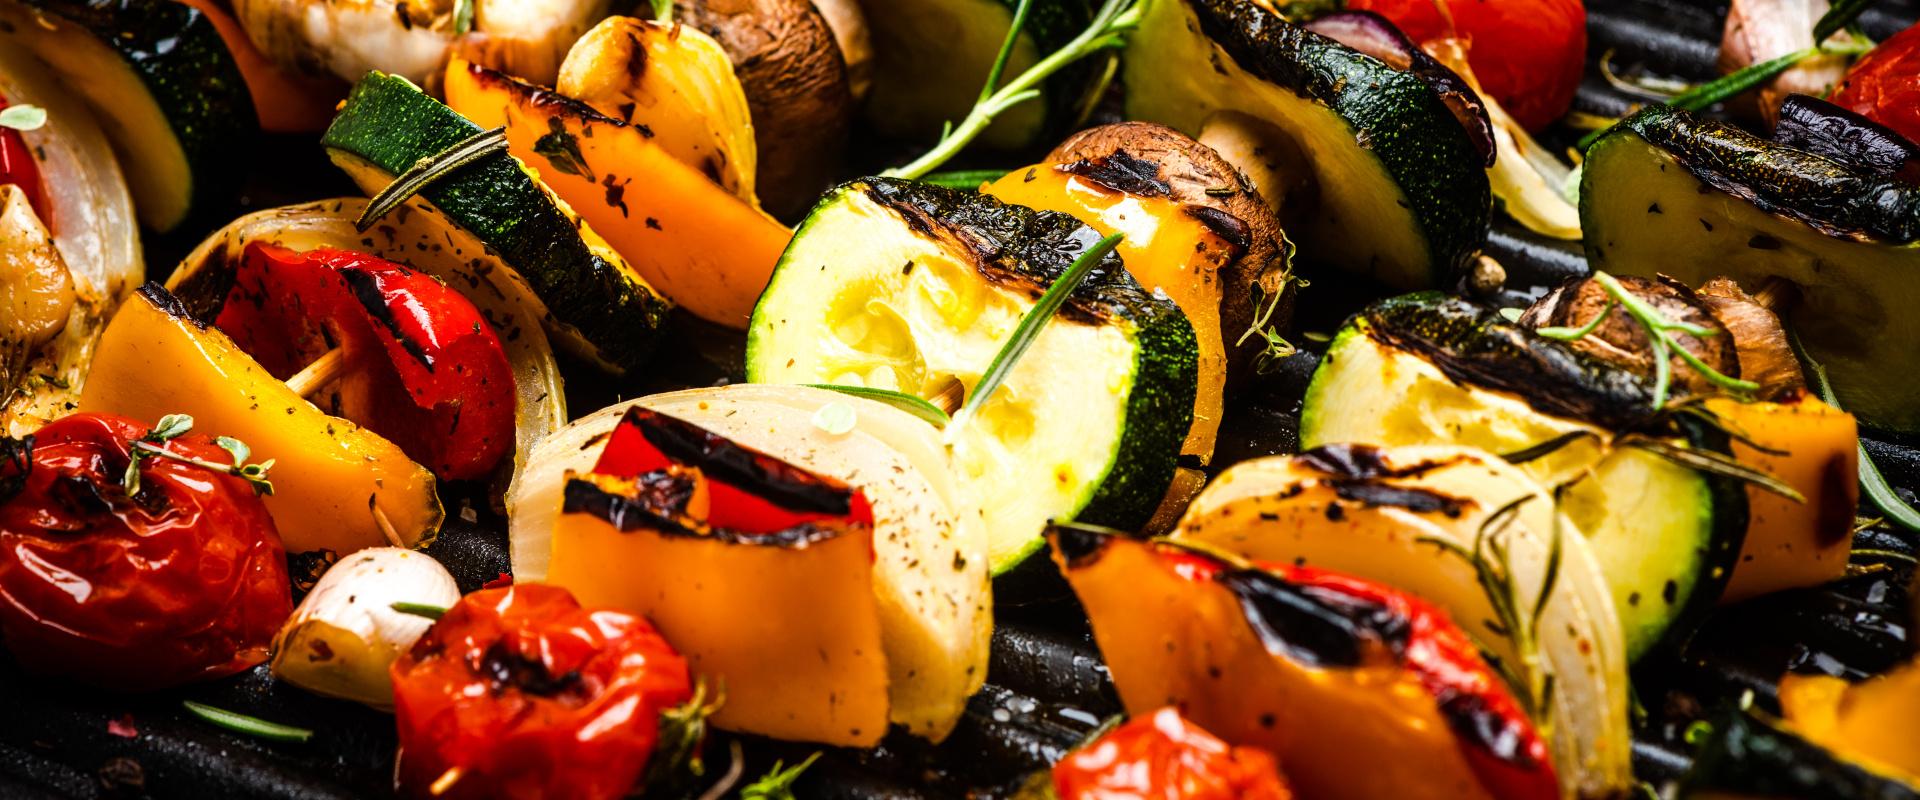 zöldségek grillezés cover